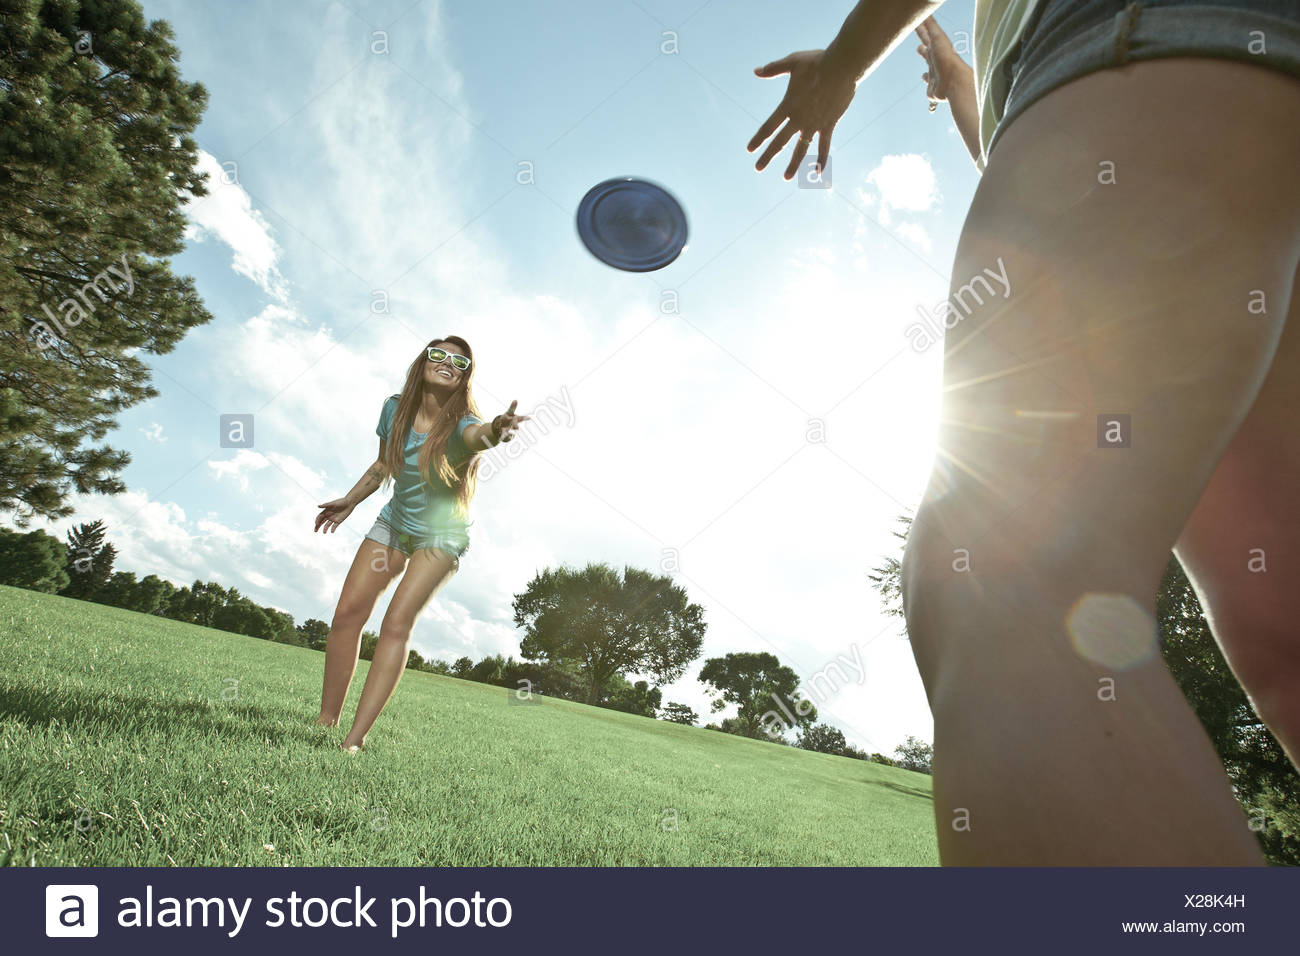 Dos mujeres jugando juego del frisbee en park Imagen De Stock